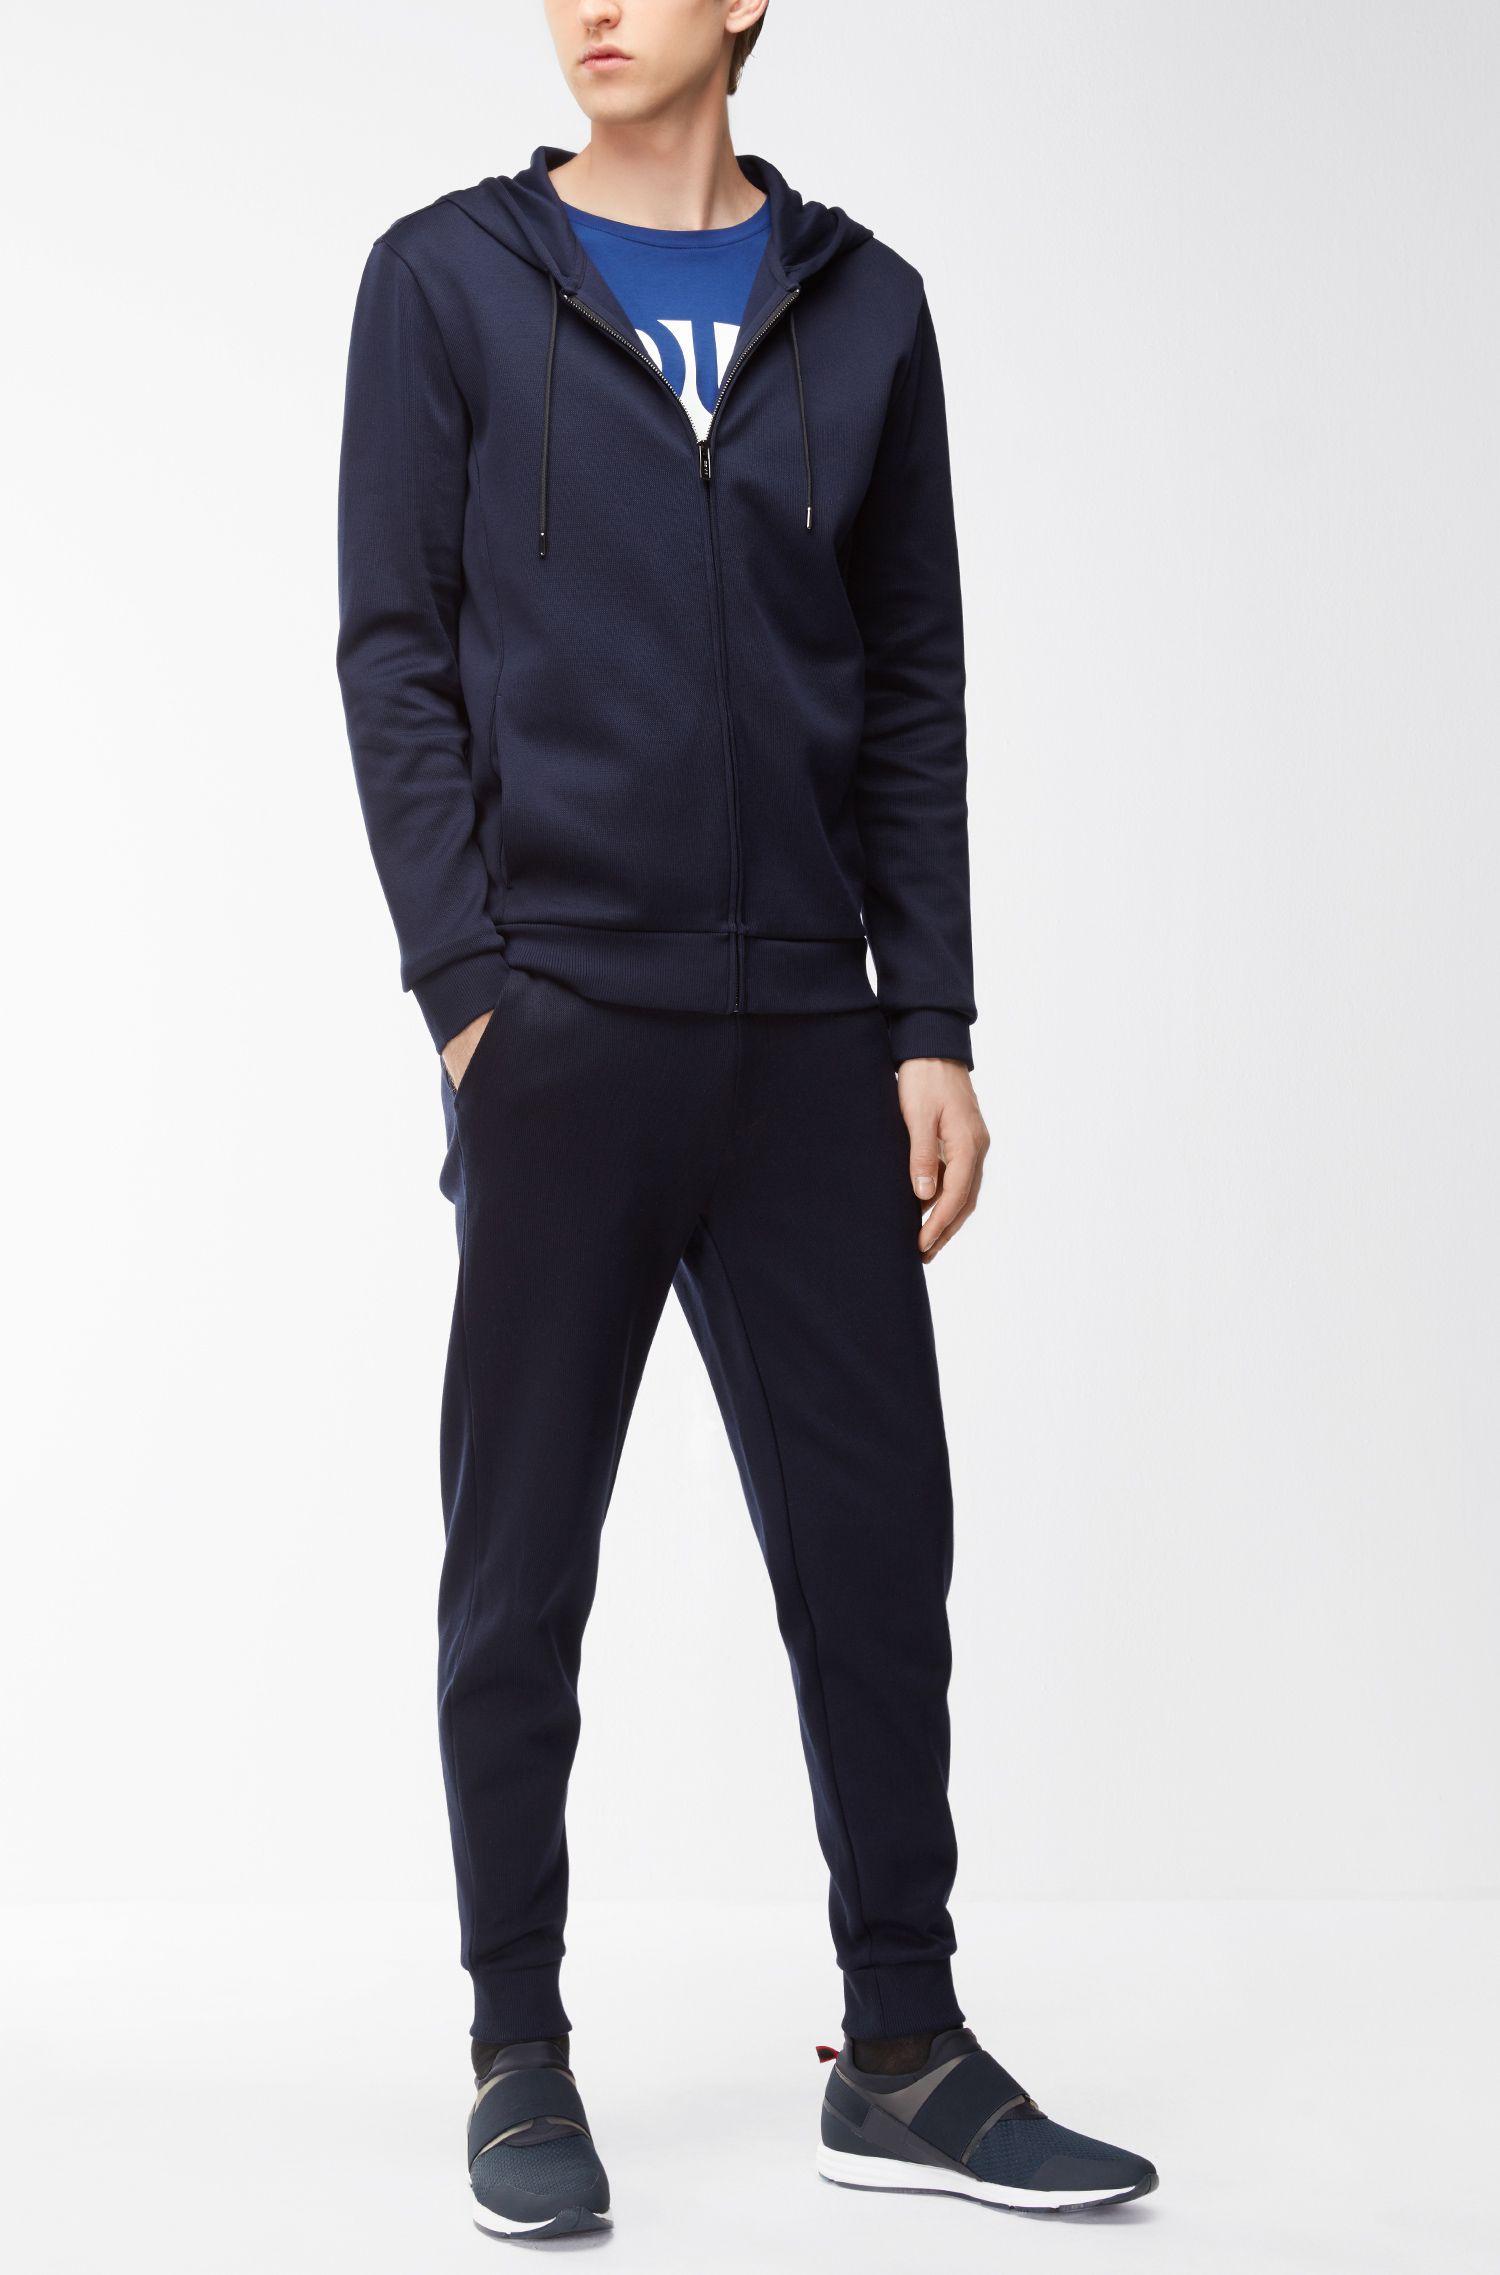 Neoprene Sneaker | Hybrid Runn Knel, Blue